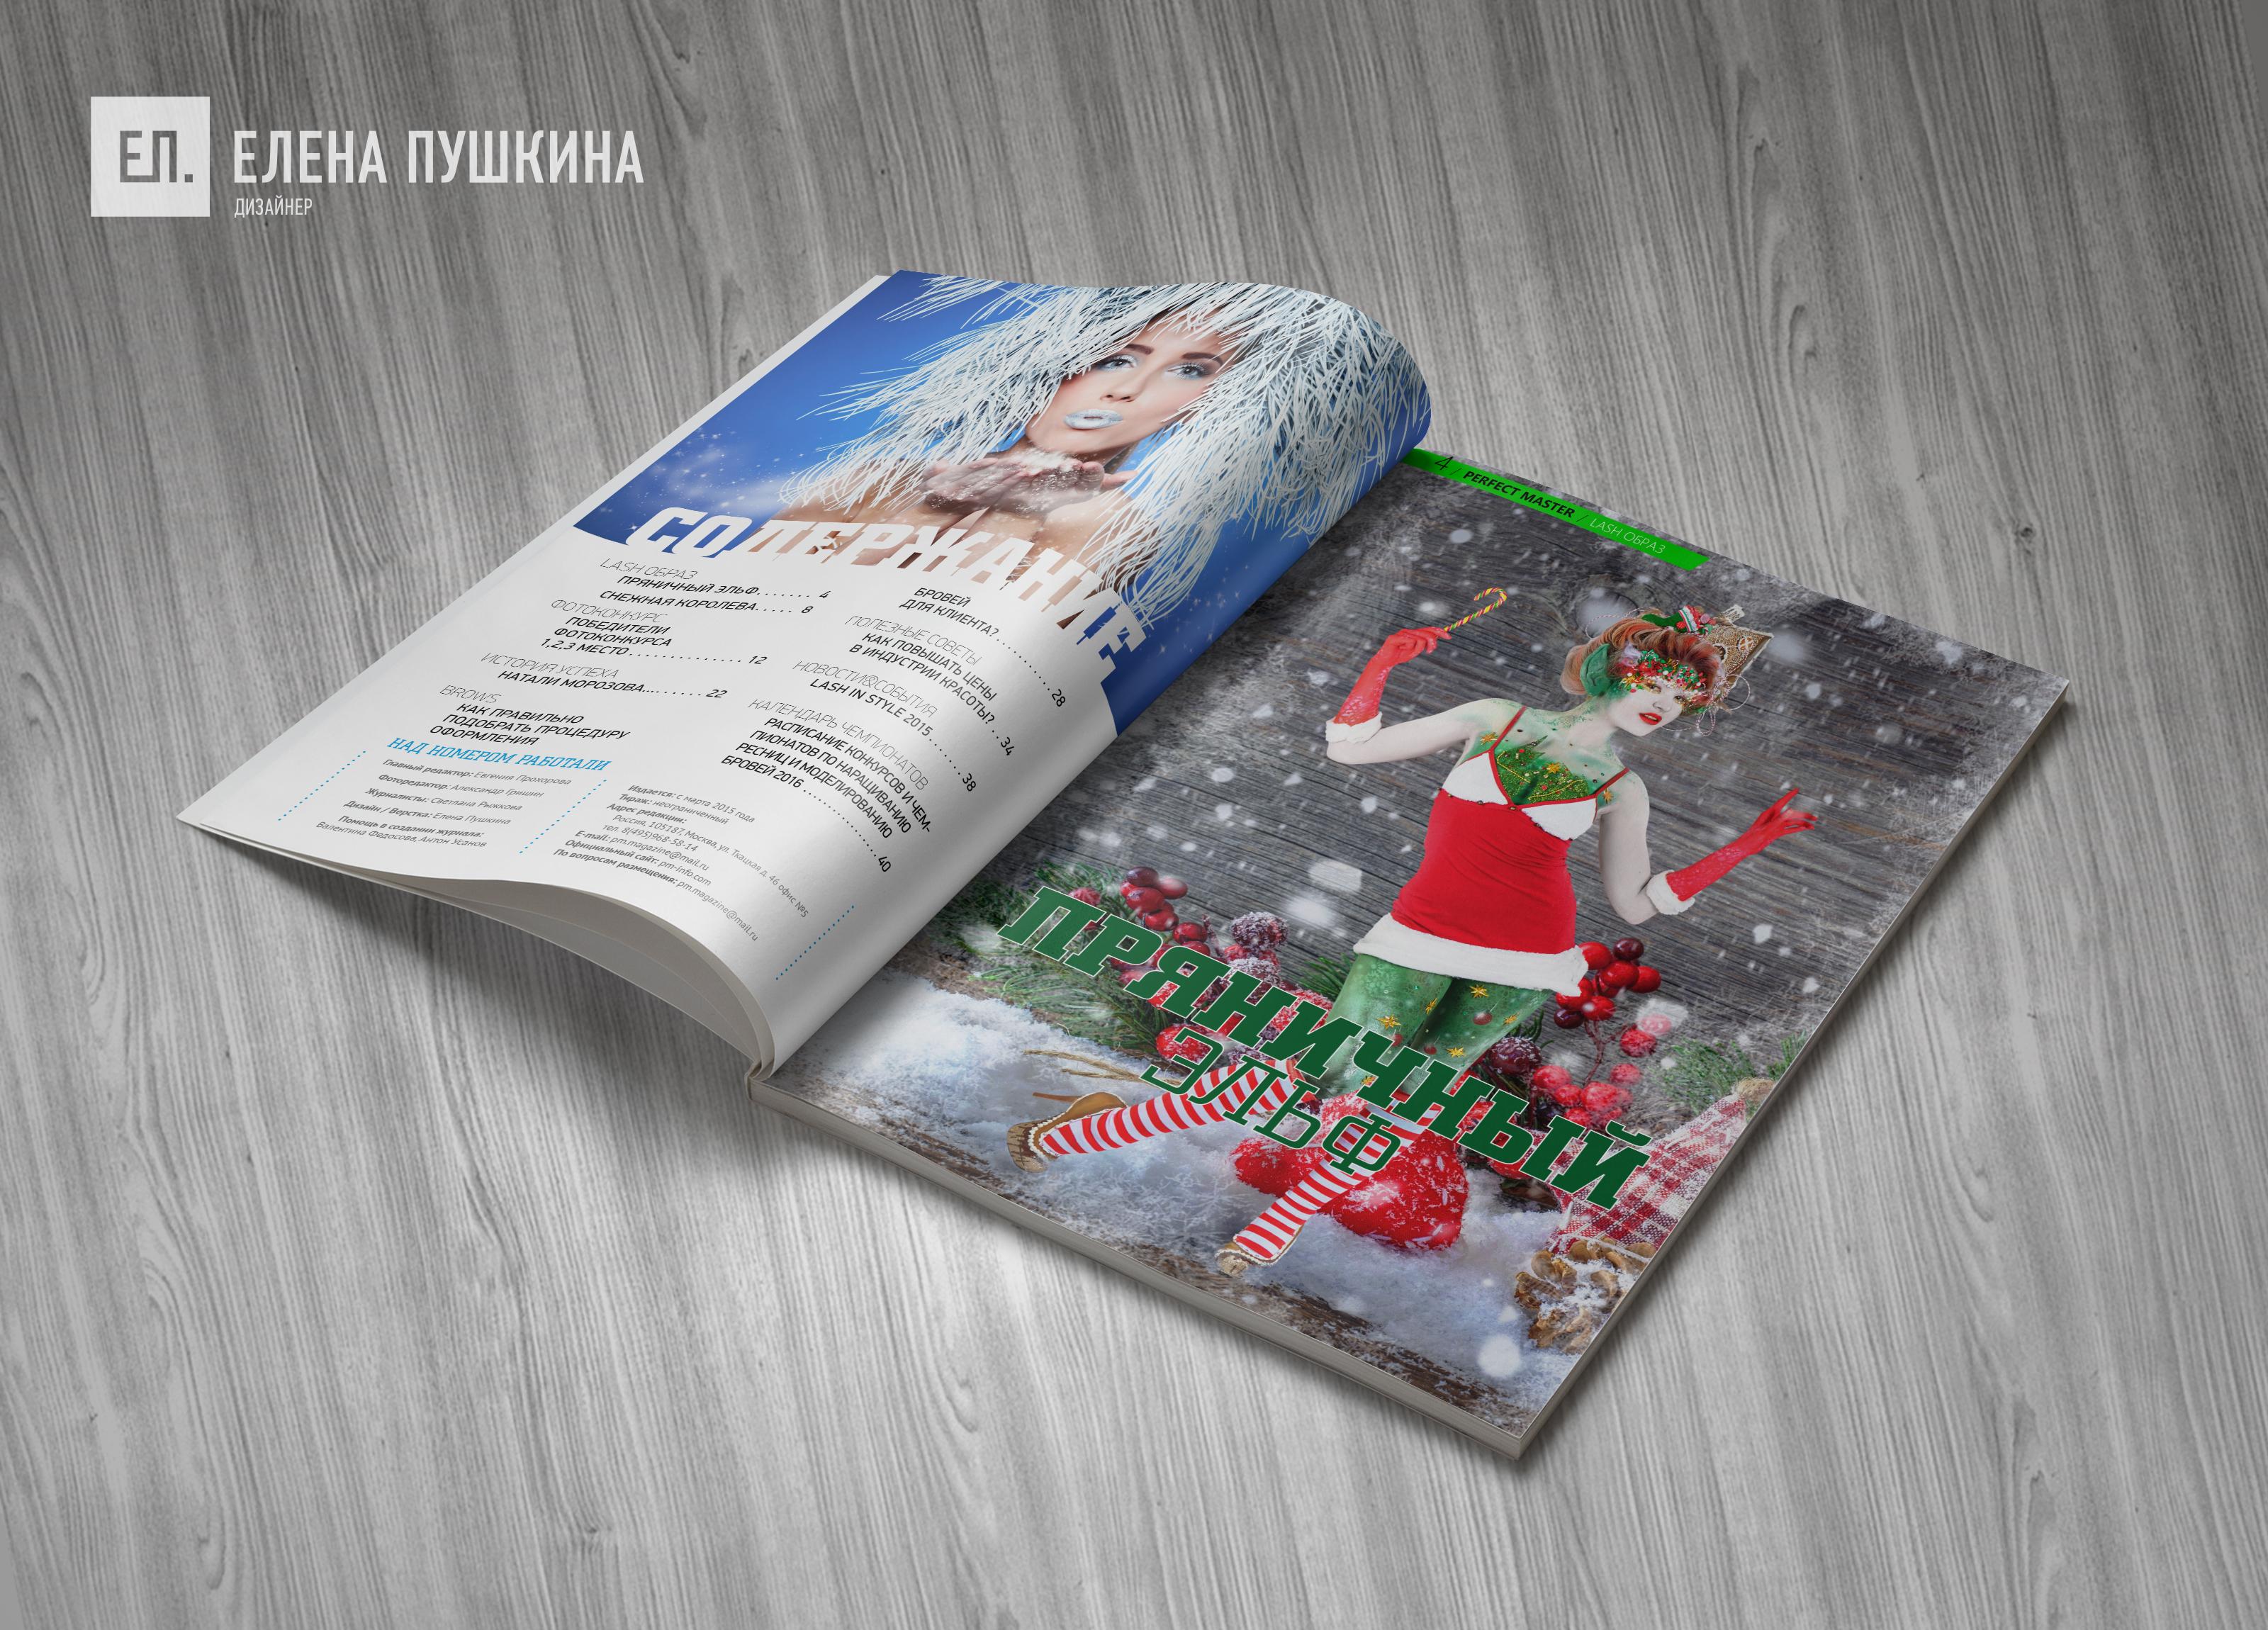 Глянцевый журнал «PERFECT MASTER» №4 декабрь 2015— разработка с«нуля» логотипа, обложки, макета ивёрстка журнала Разработка журналов Портфолио